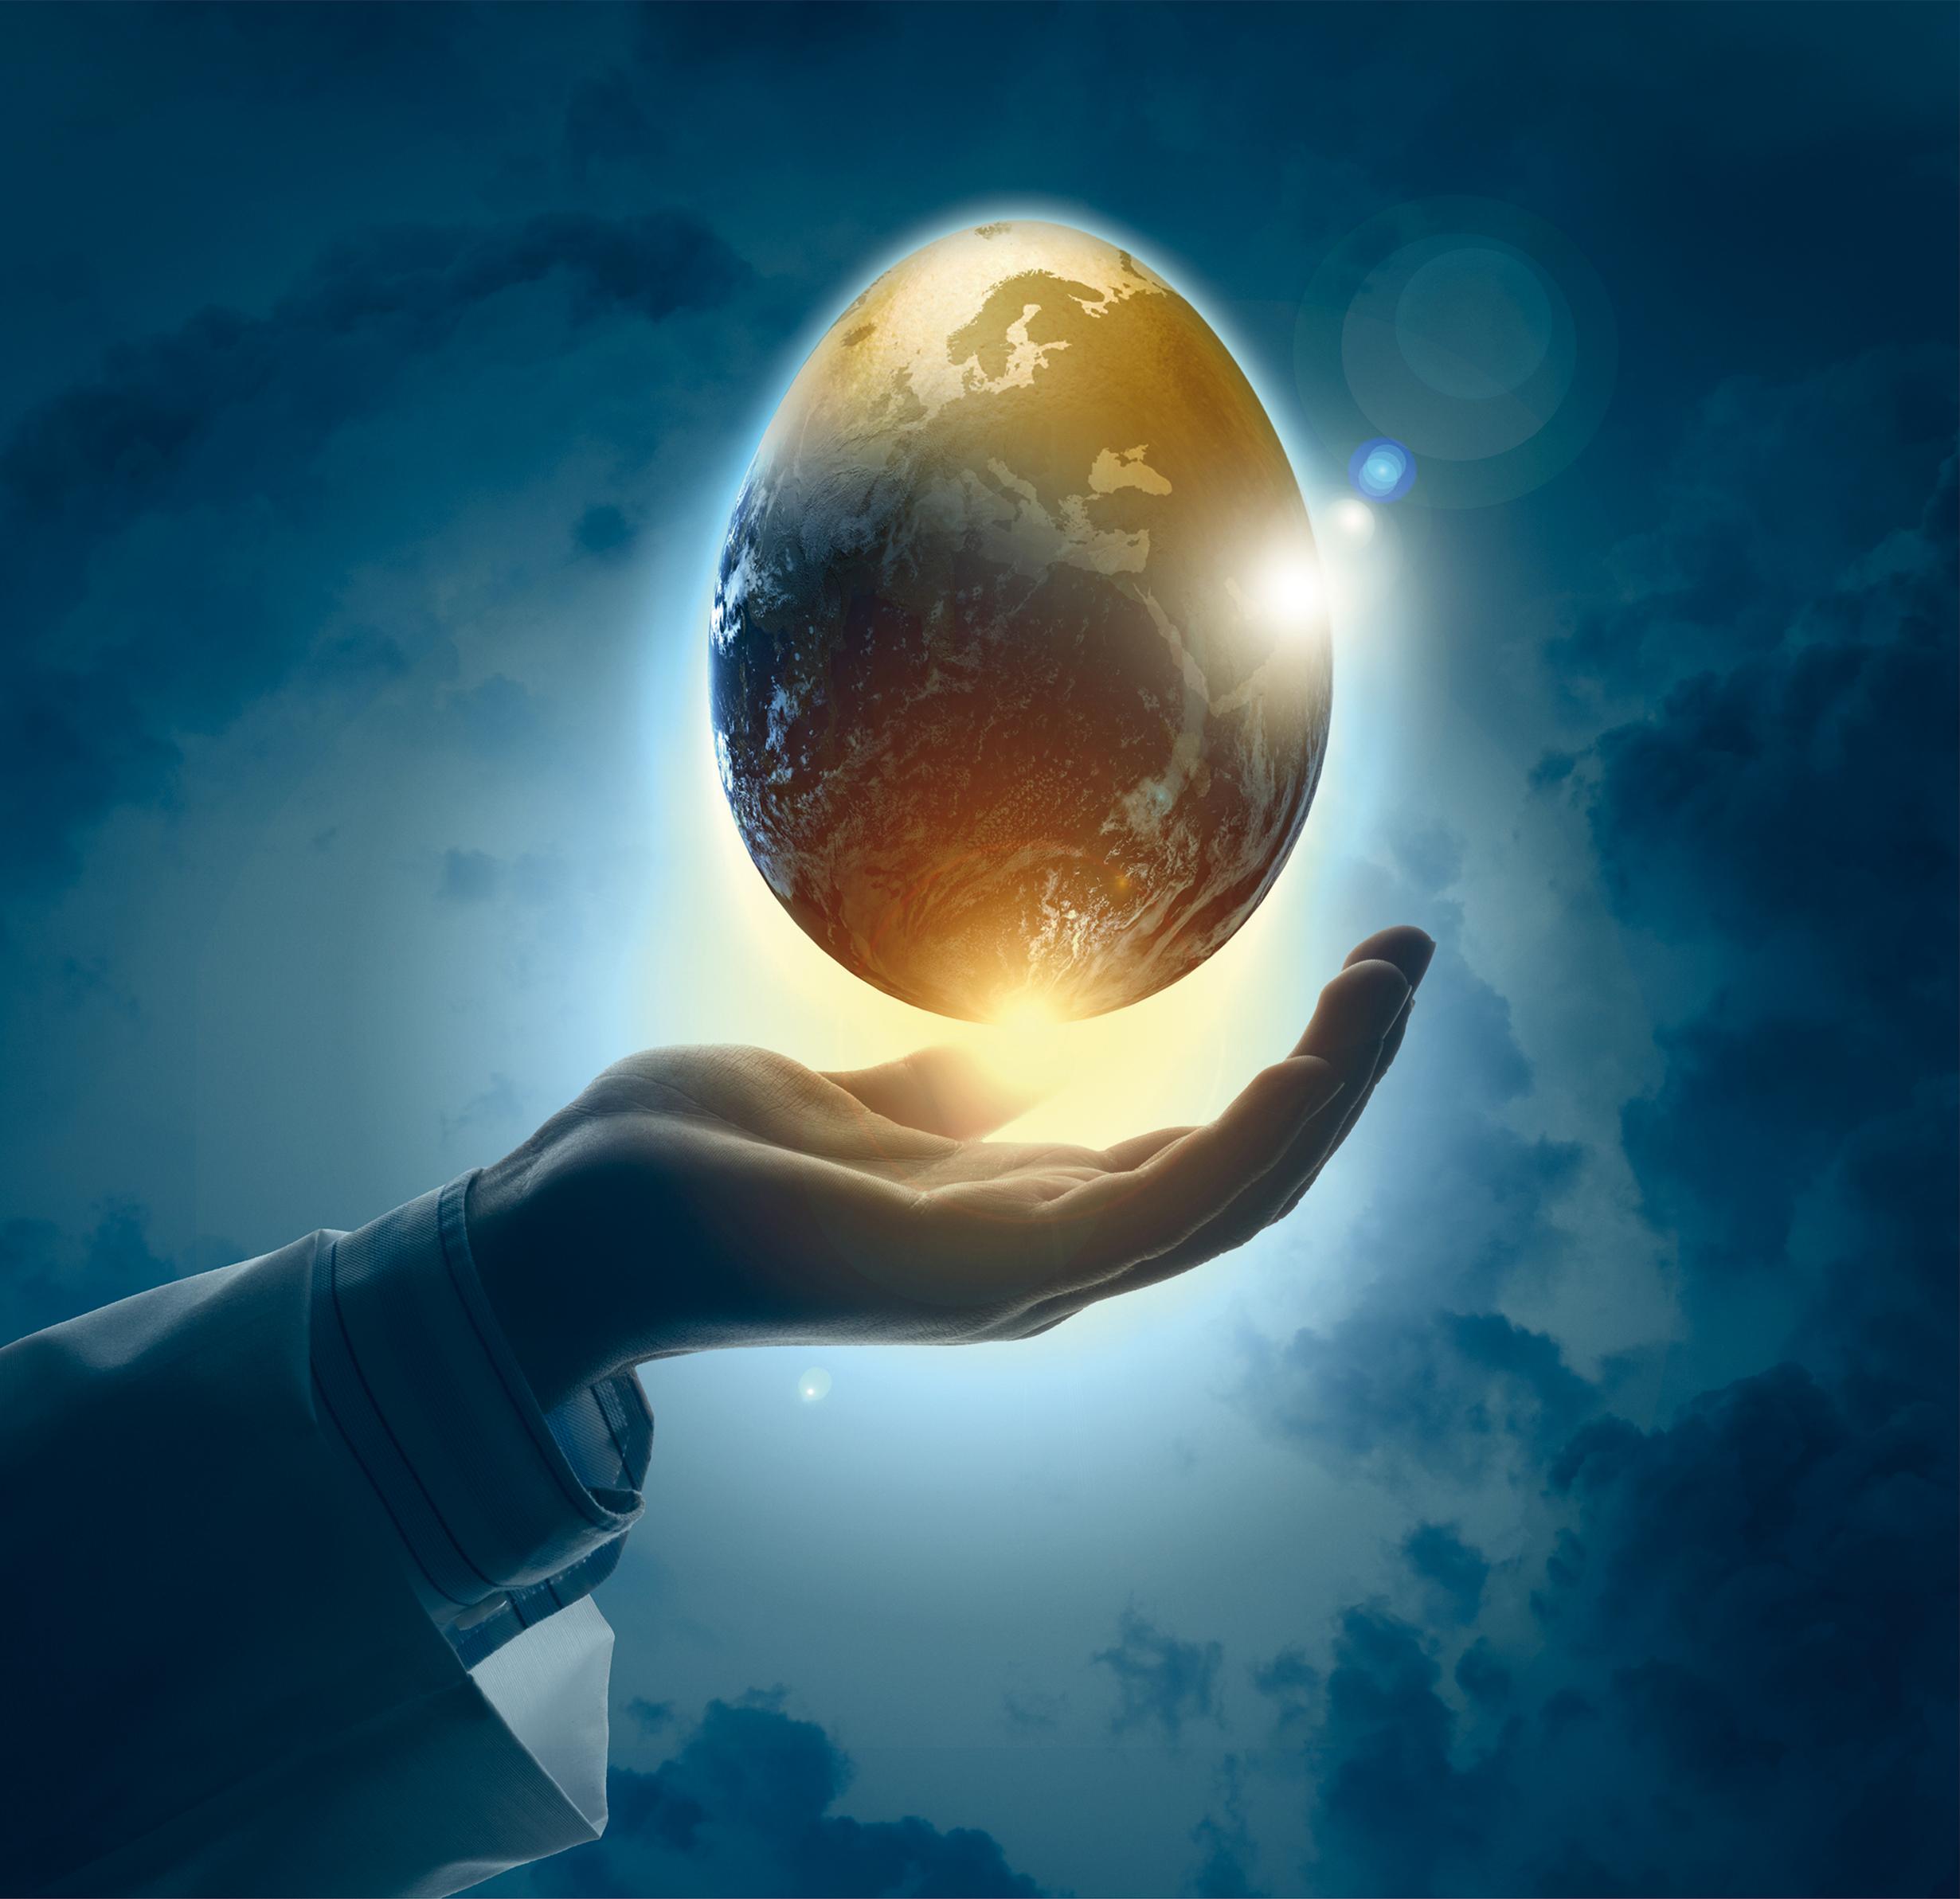 Goldenes Ei in Hand_Kalender